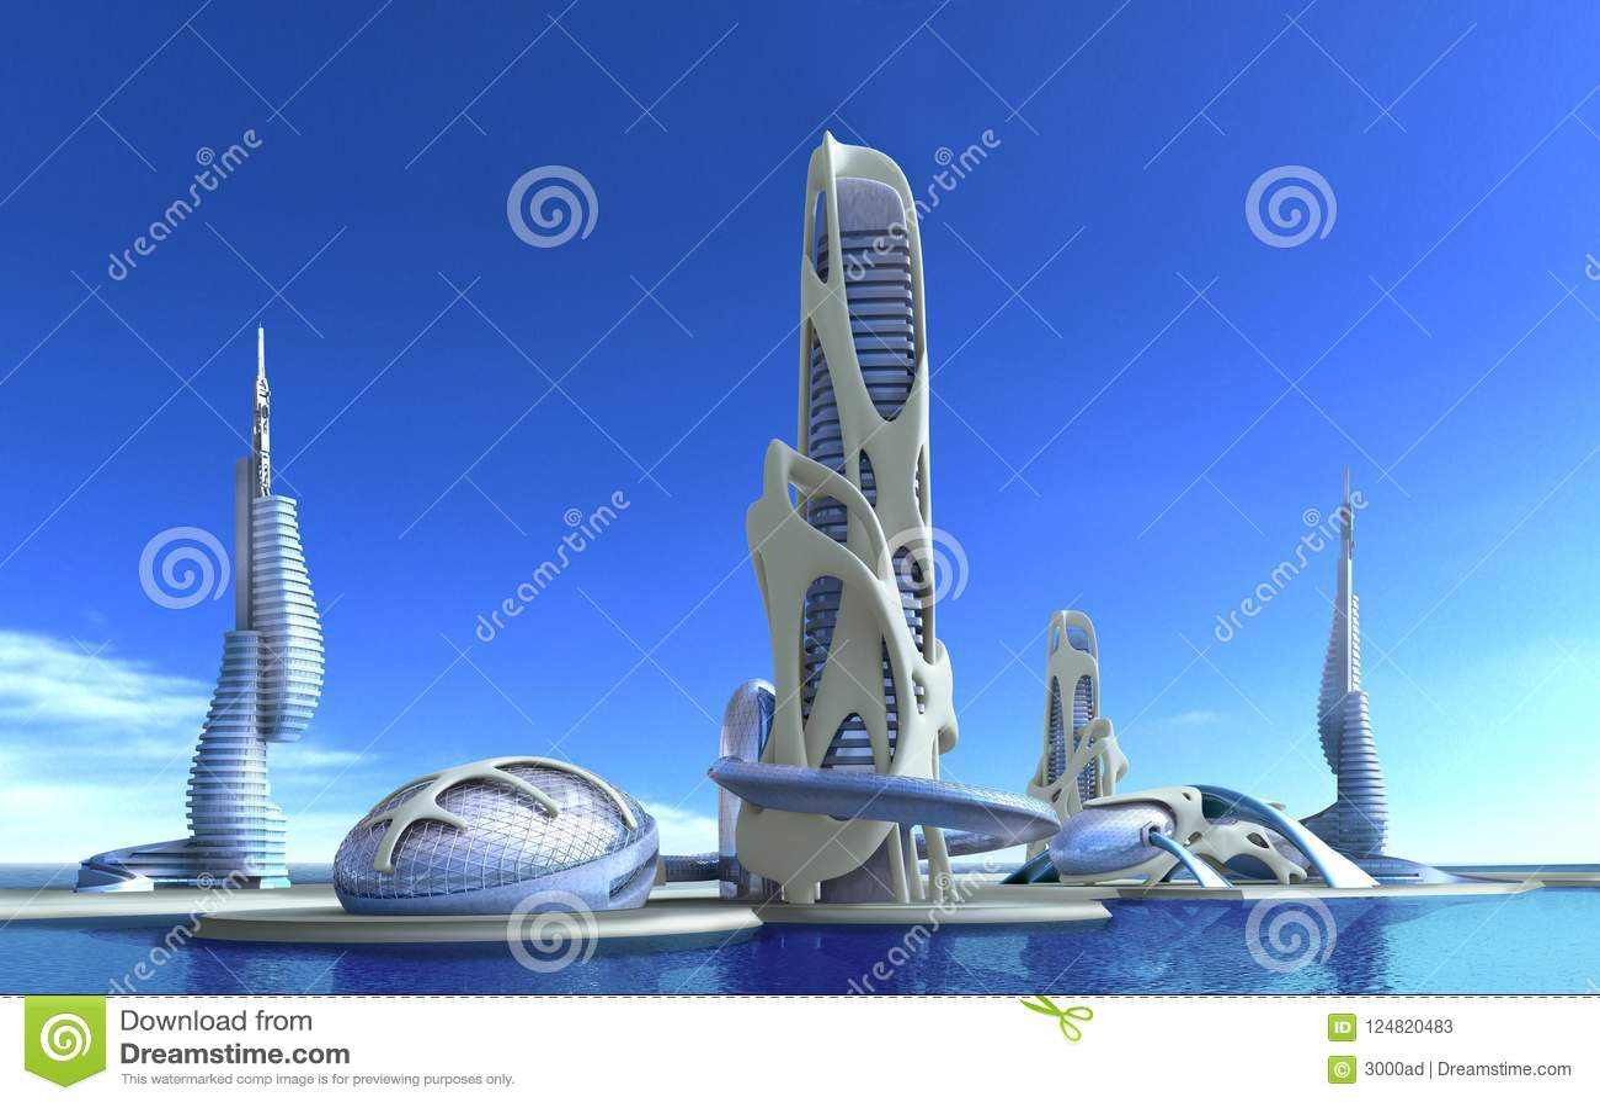 Futuristische stadsarchitectuur voor fantasie en zieke science fiction